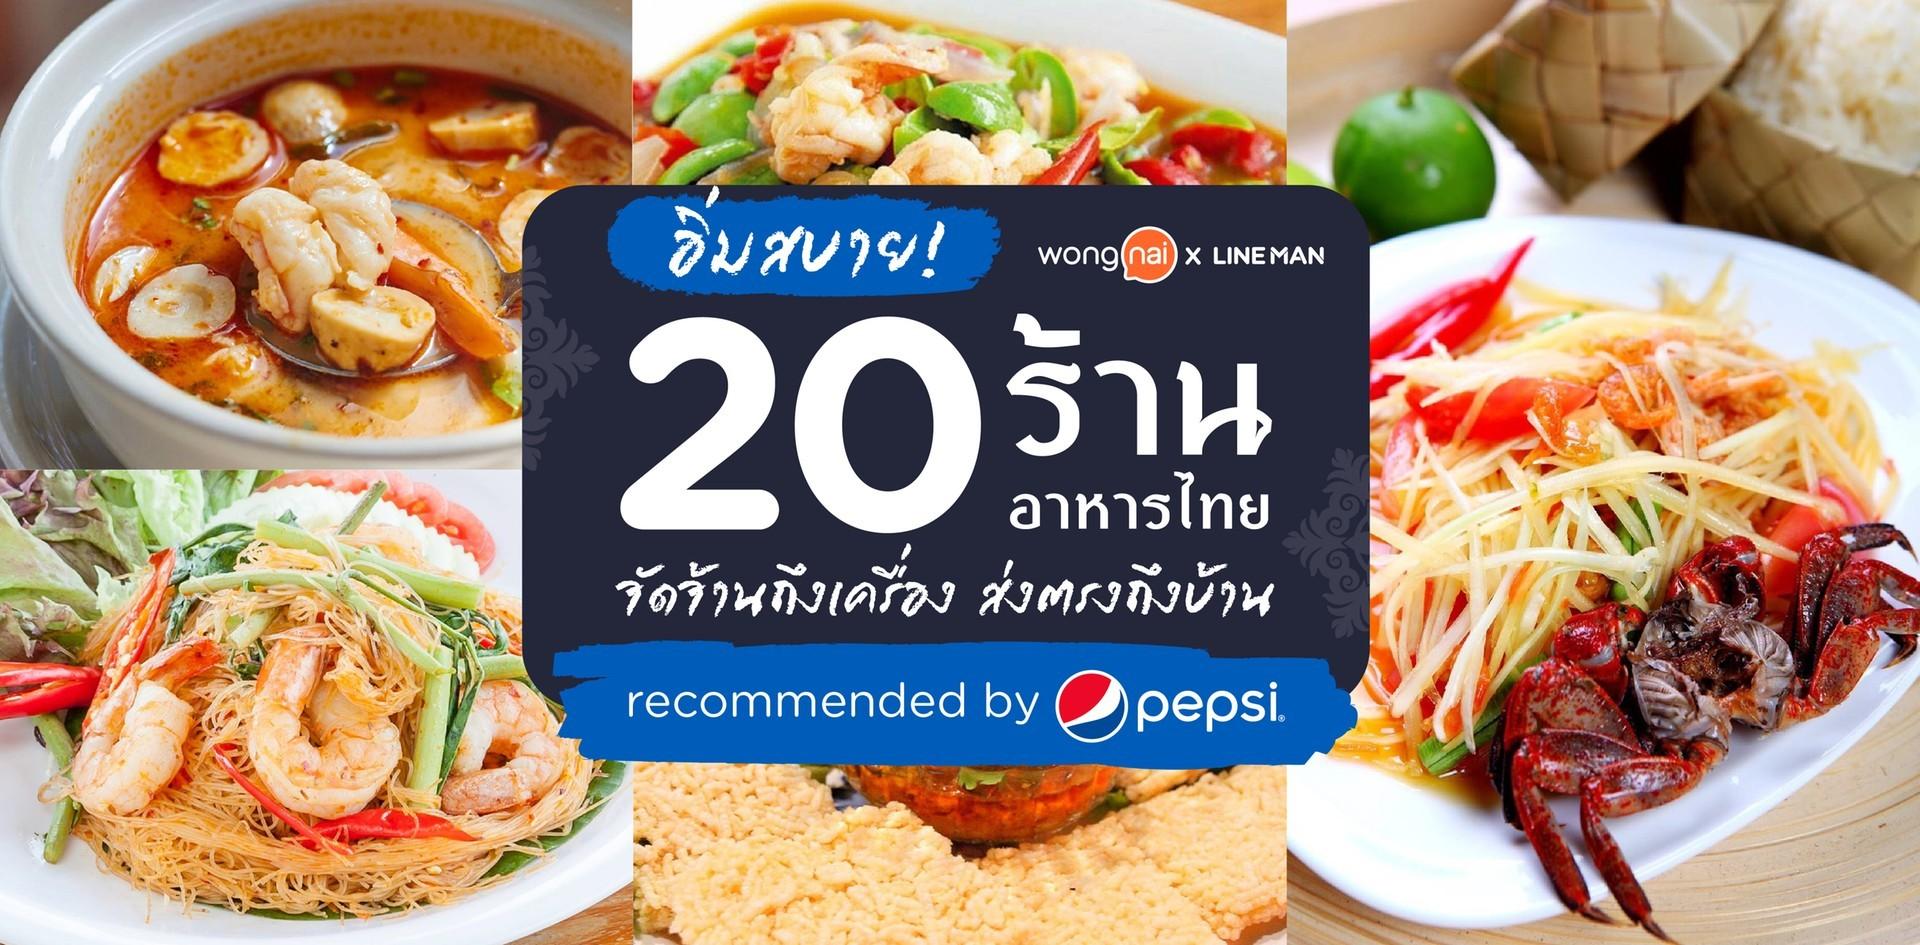 20 ร้านอาหารไทยจัดจ้านถึงเครื่อง ส่งตรงถึงบ้าน